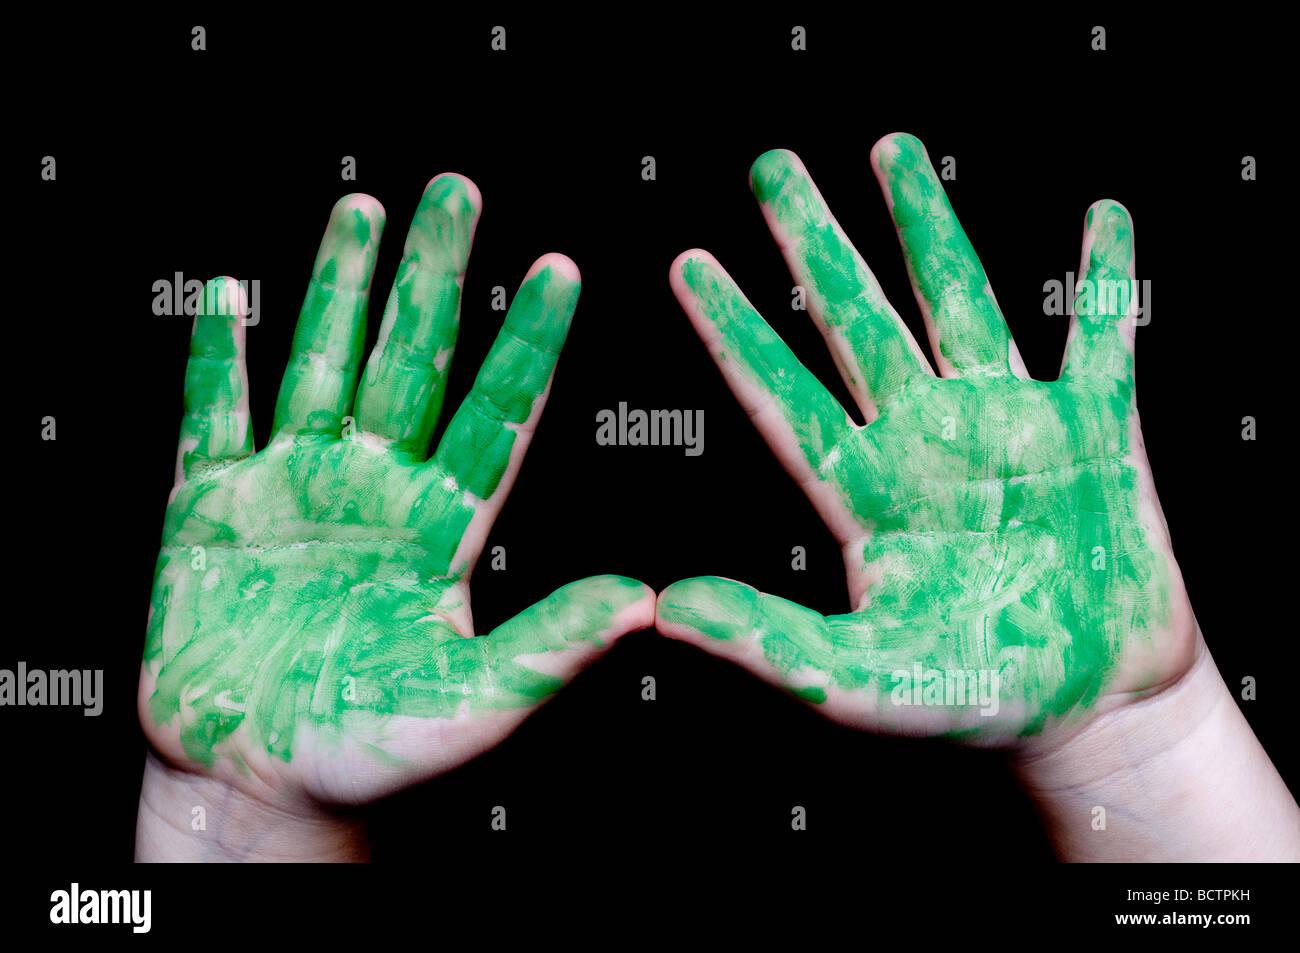 Pinky Fingers Imágenes De Stock & Pinky Fingers Fotos De Stock - Alamy